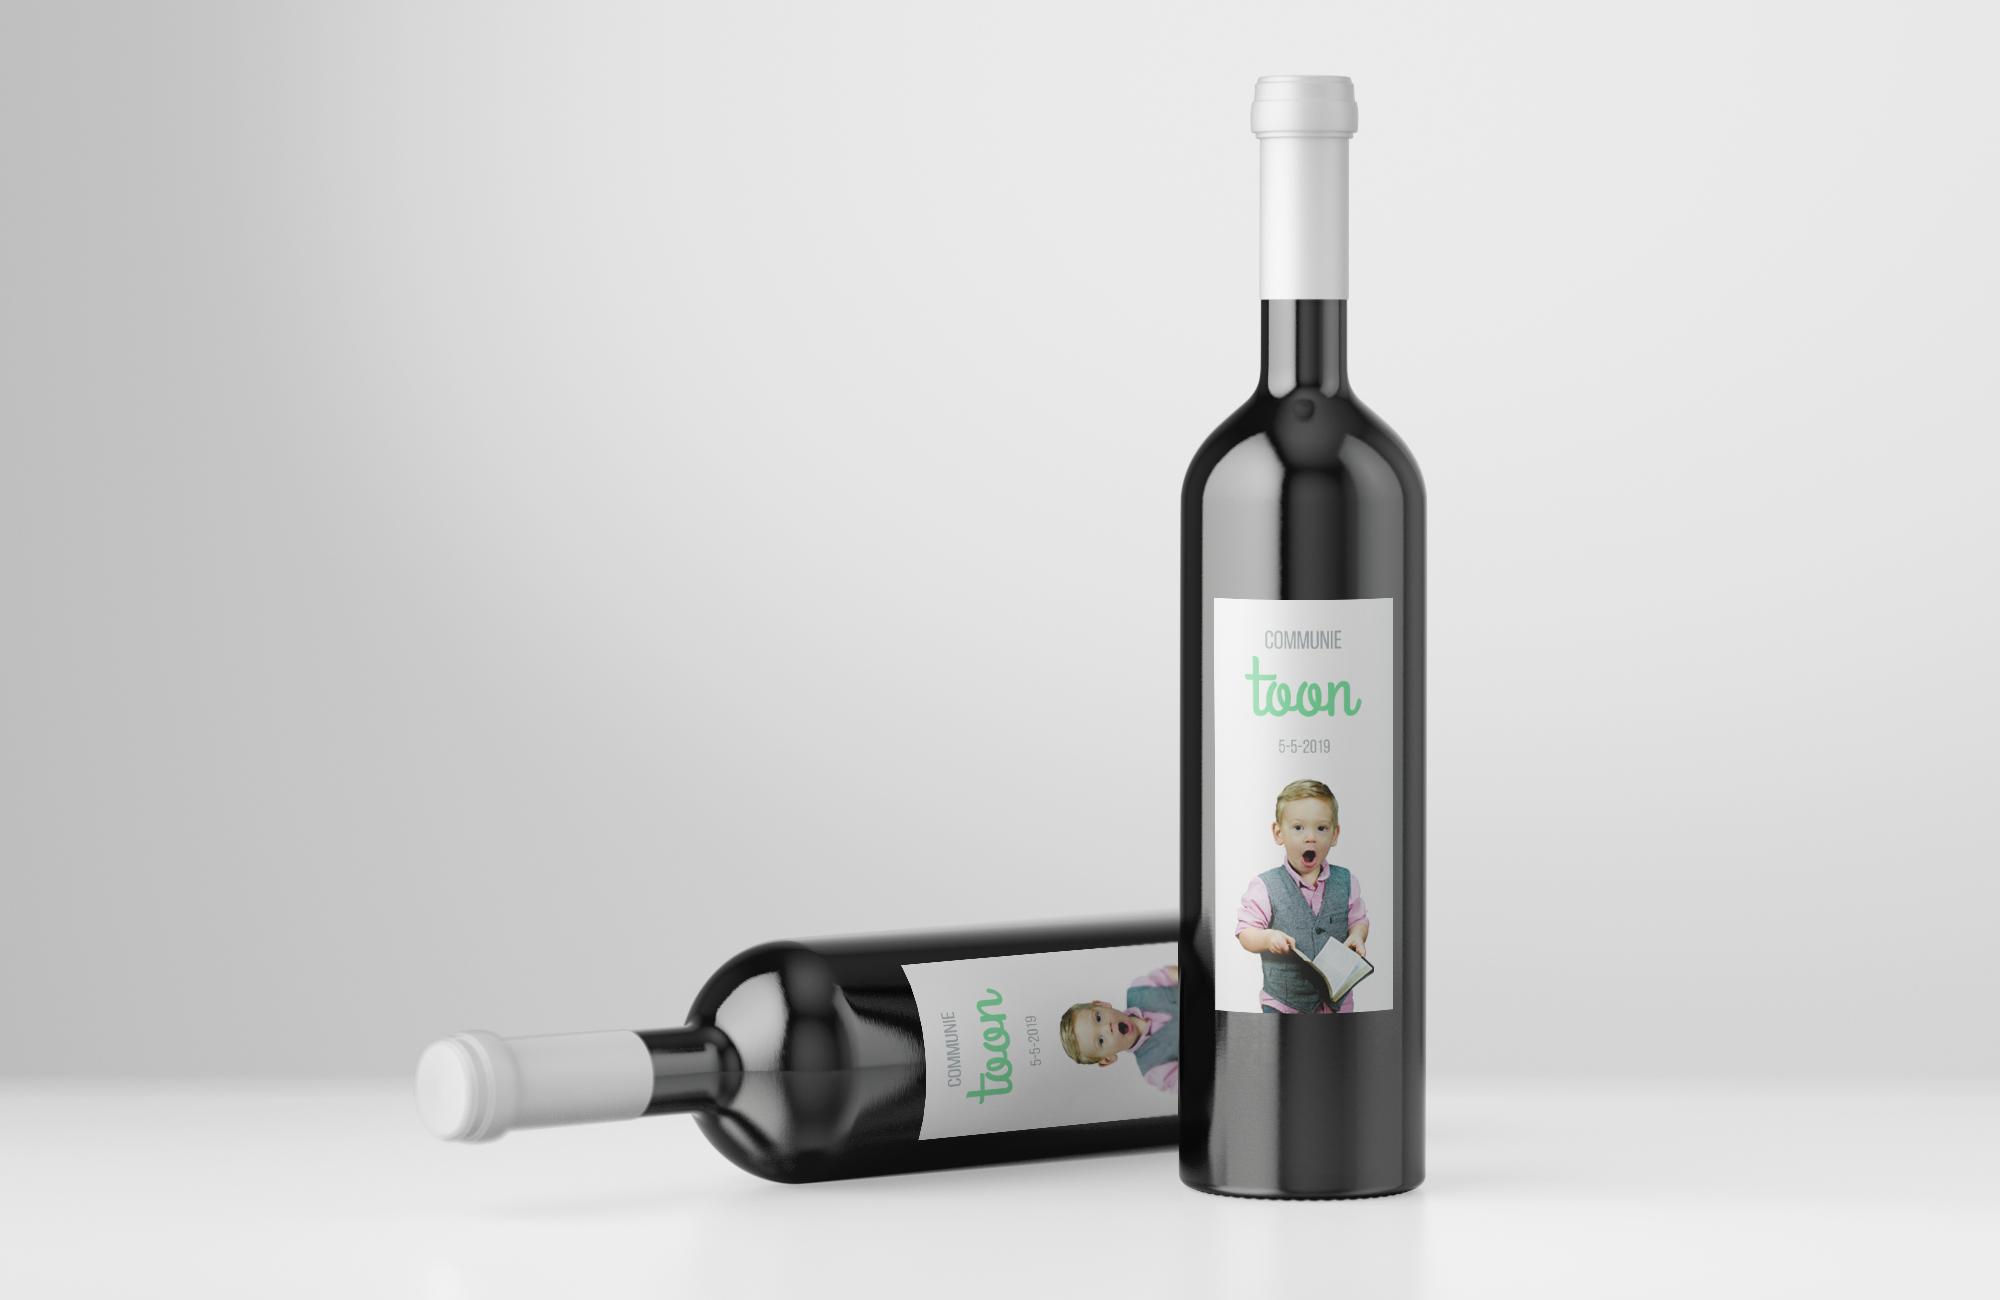 Voorbeeld wijnetiketten